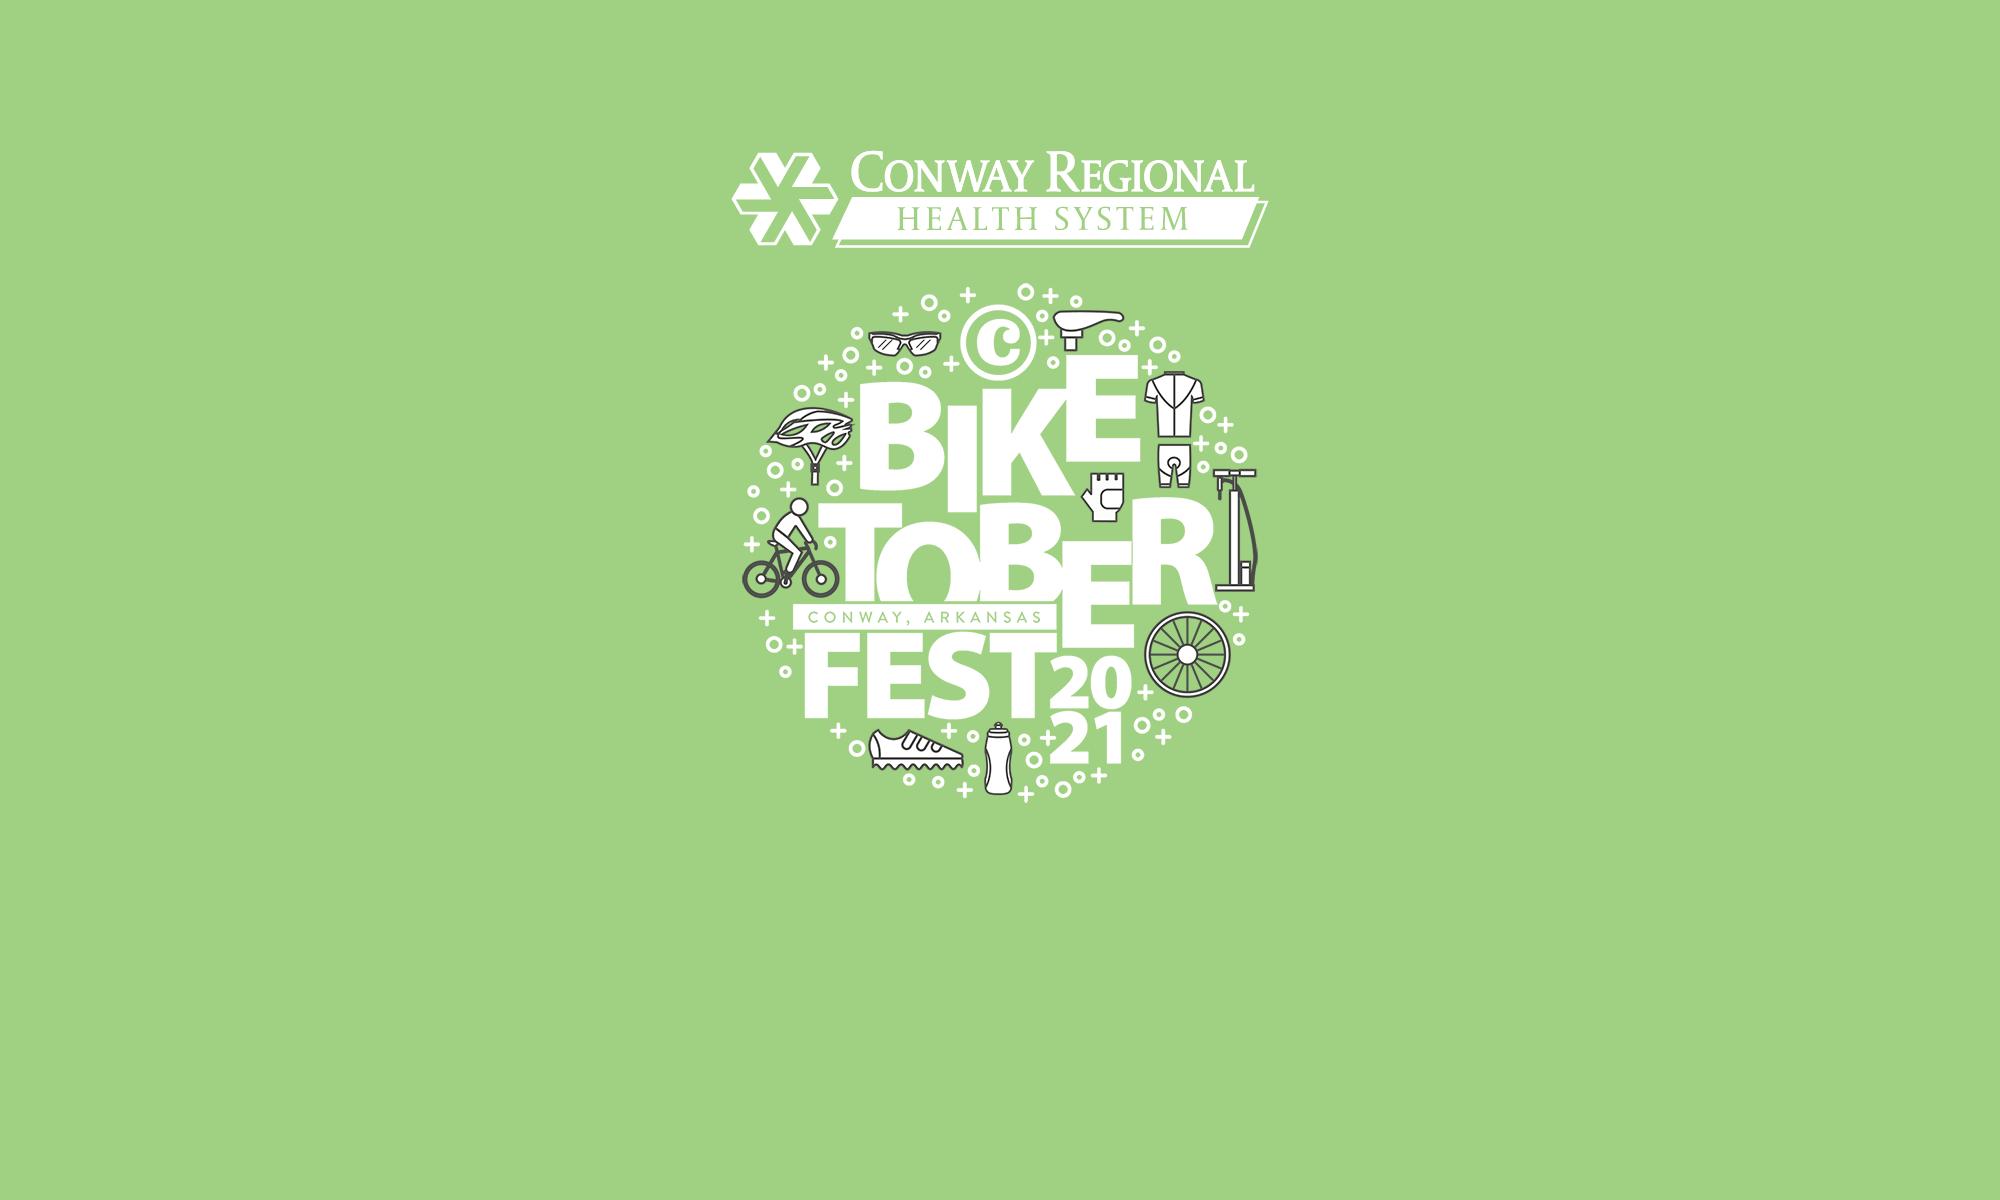 Conway Regional Health System Biketoberfest